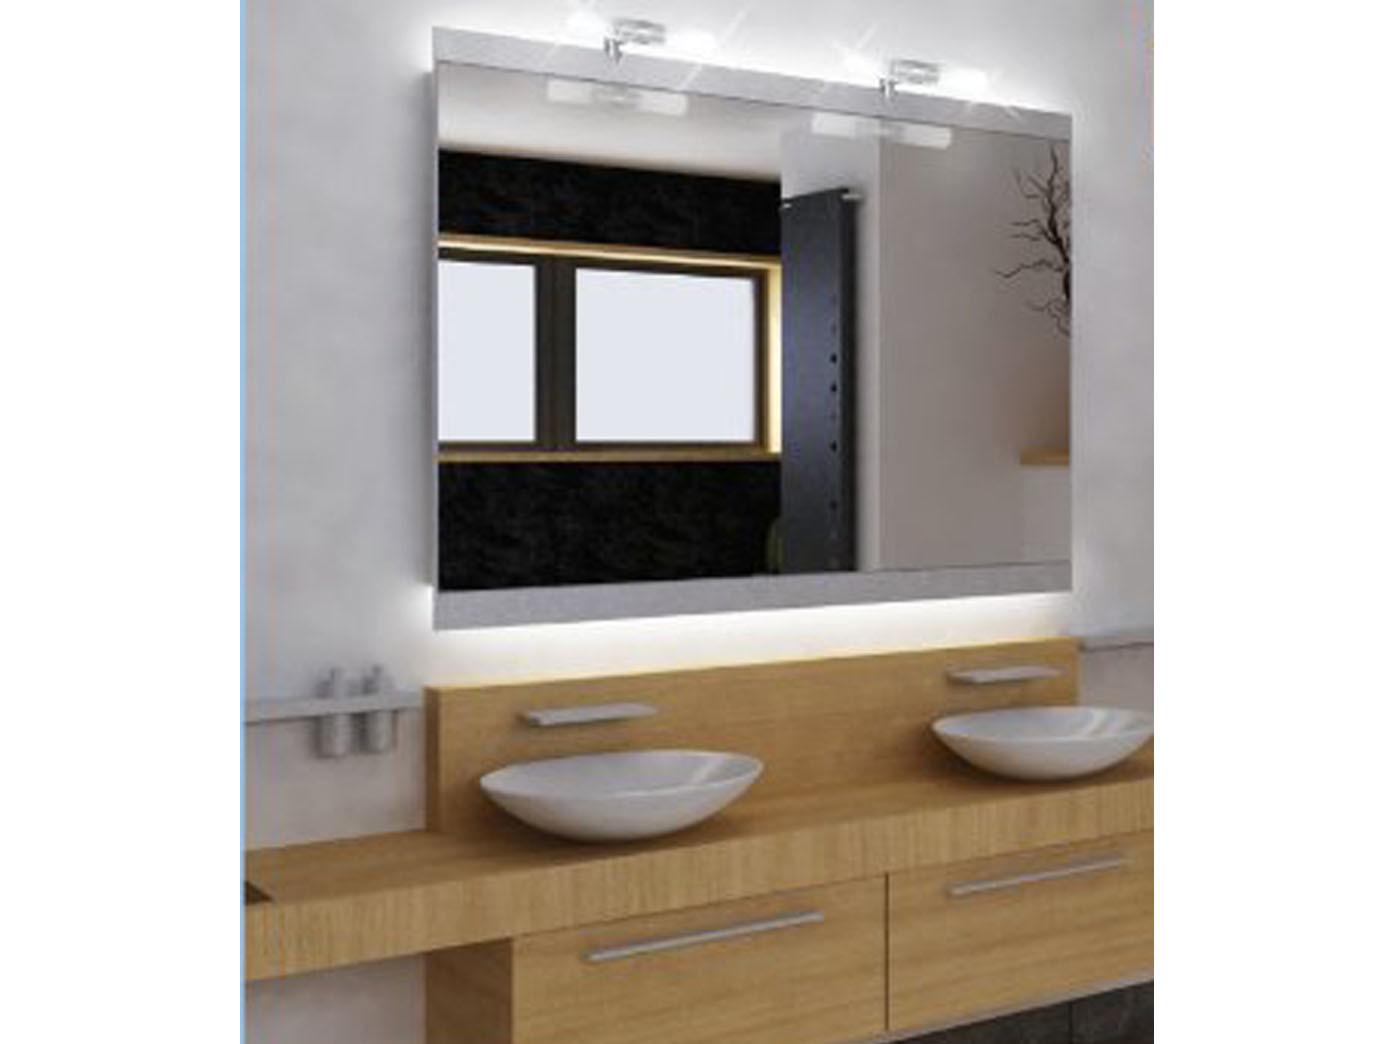 Details zu Spiegelleuchte COSENZA 2flammig fürs Badezimmer, Spiegellampe  Bad Glas IP23